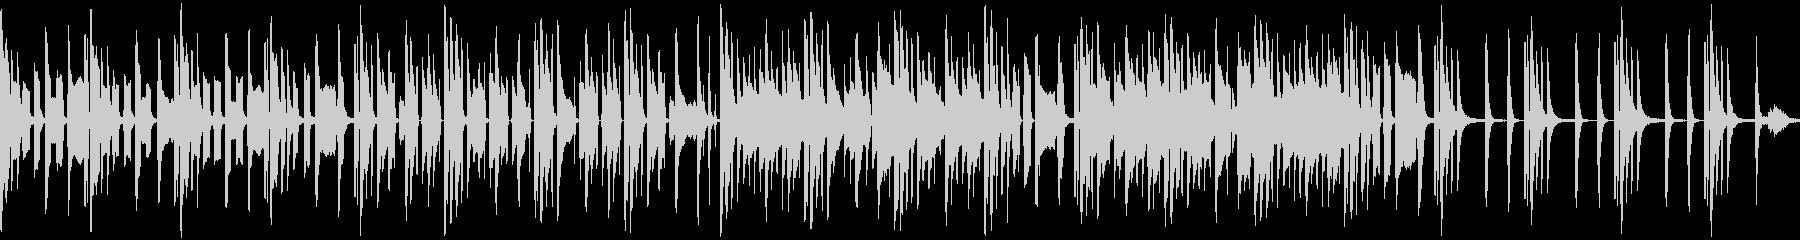 のんびりほんわかしたリコーダー楽曲ループの未再生の波形